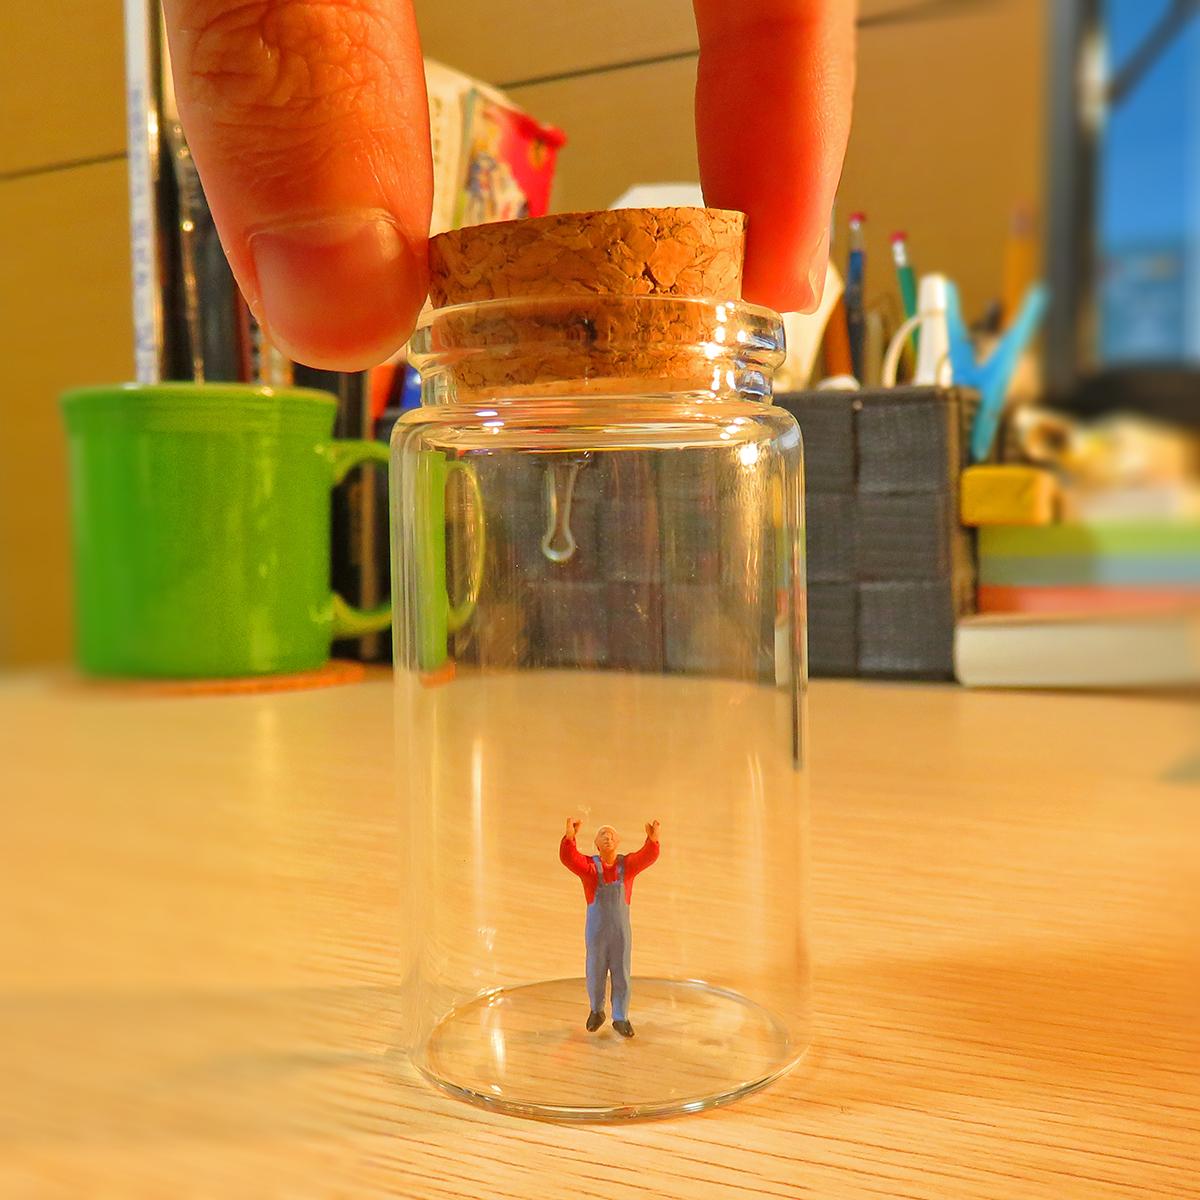 人間に見つかり瓶に閉じ込められた小人